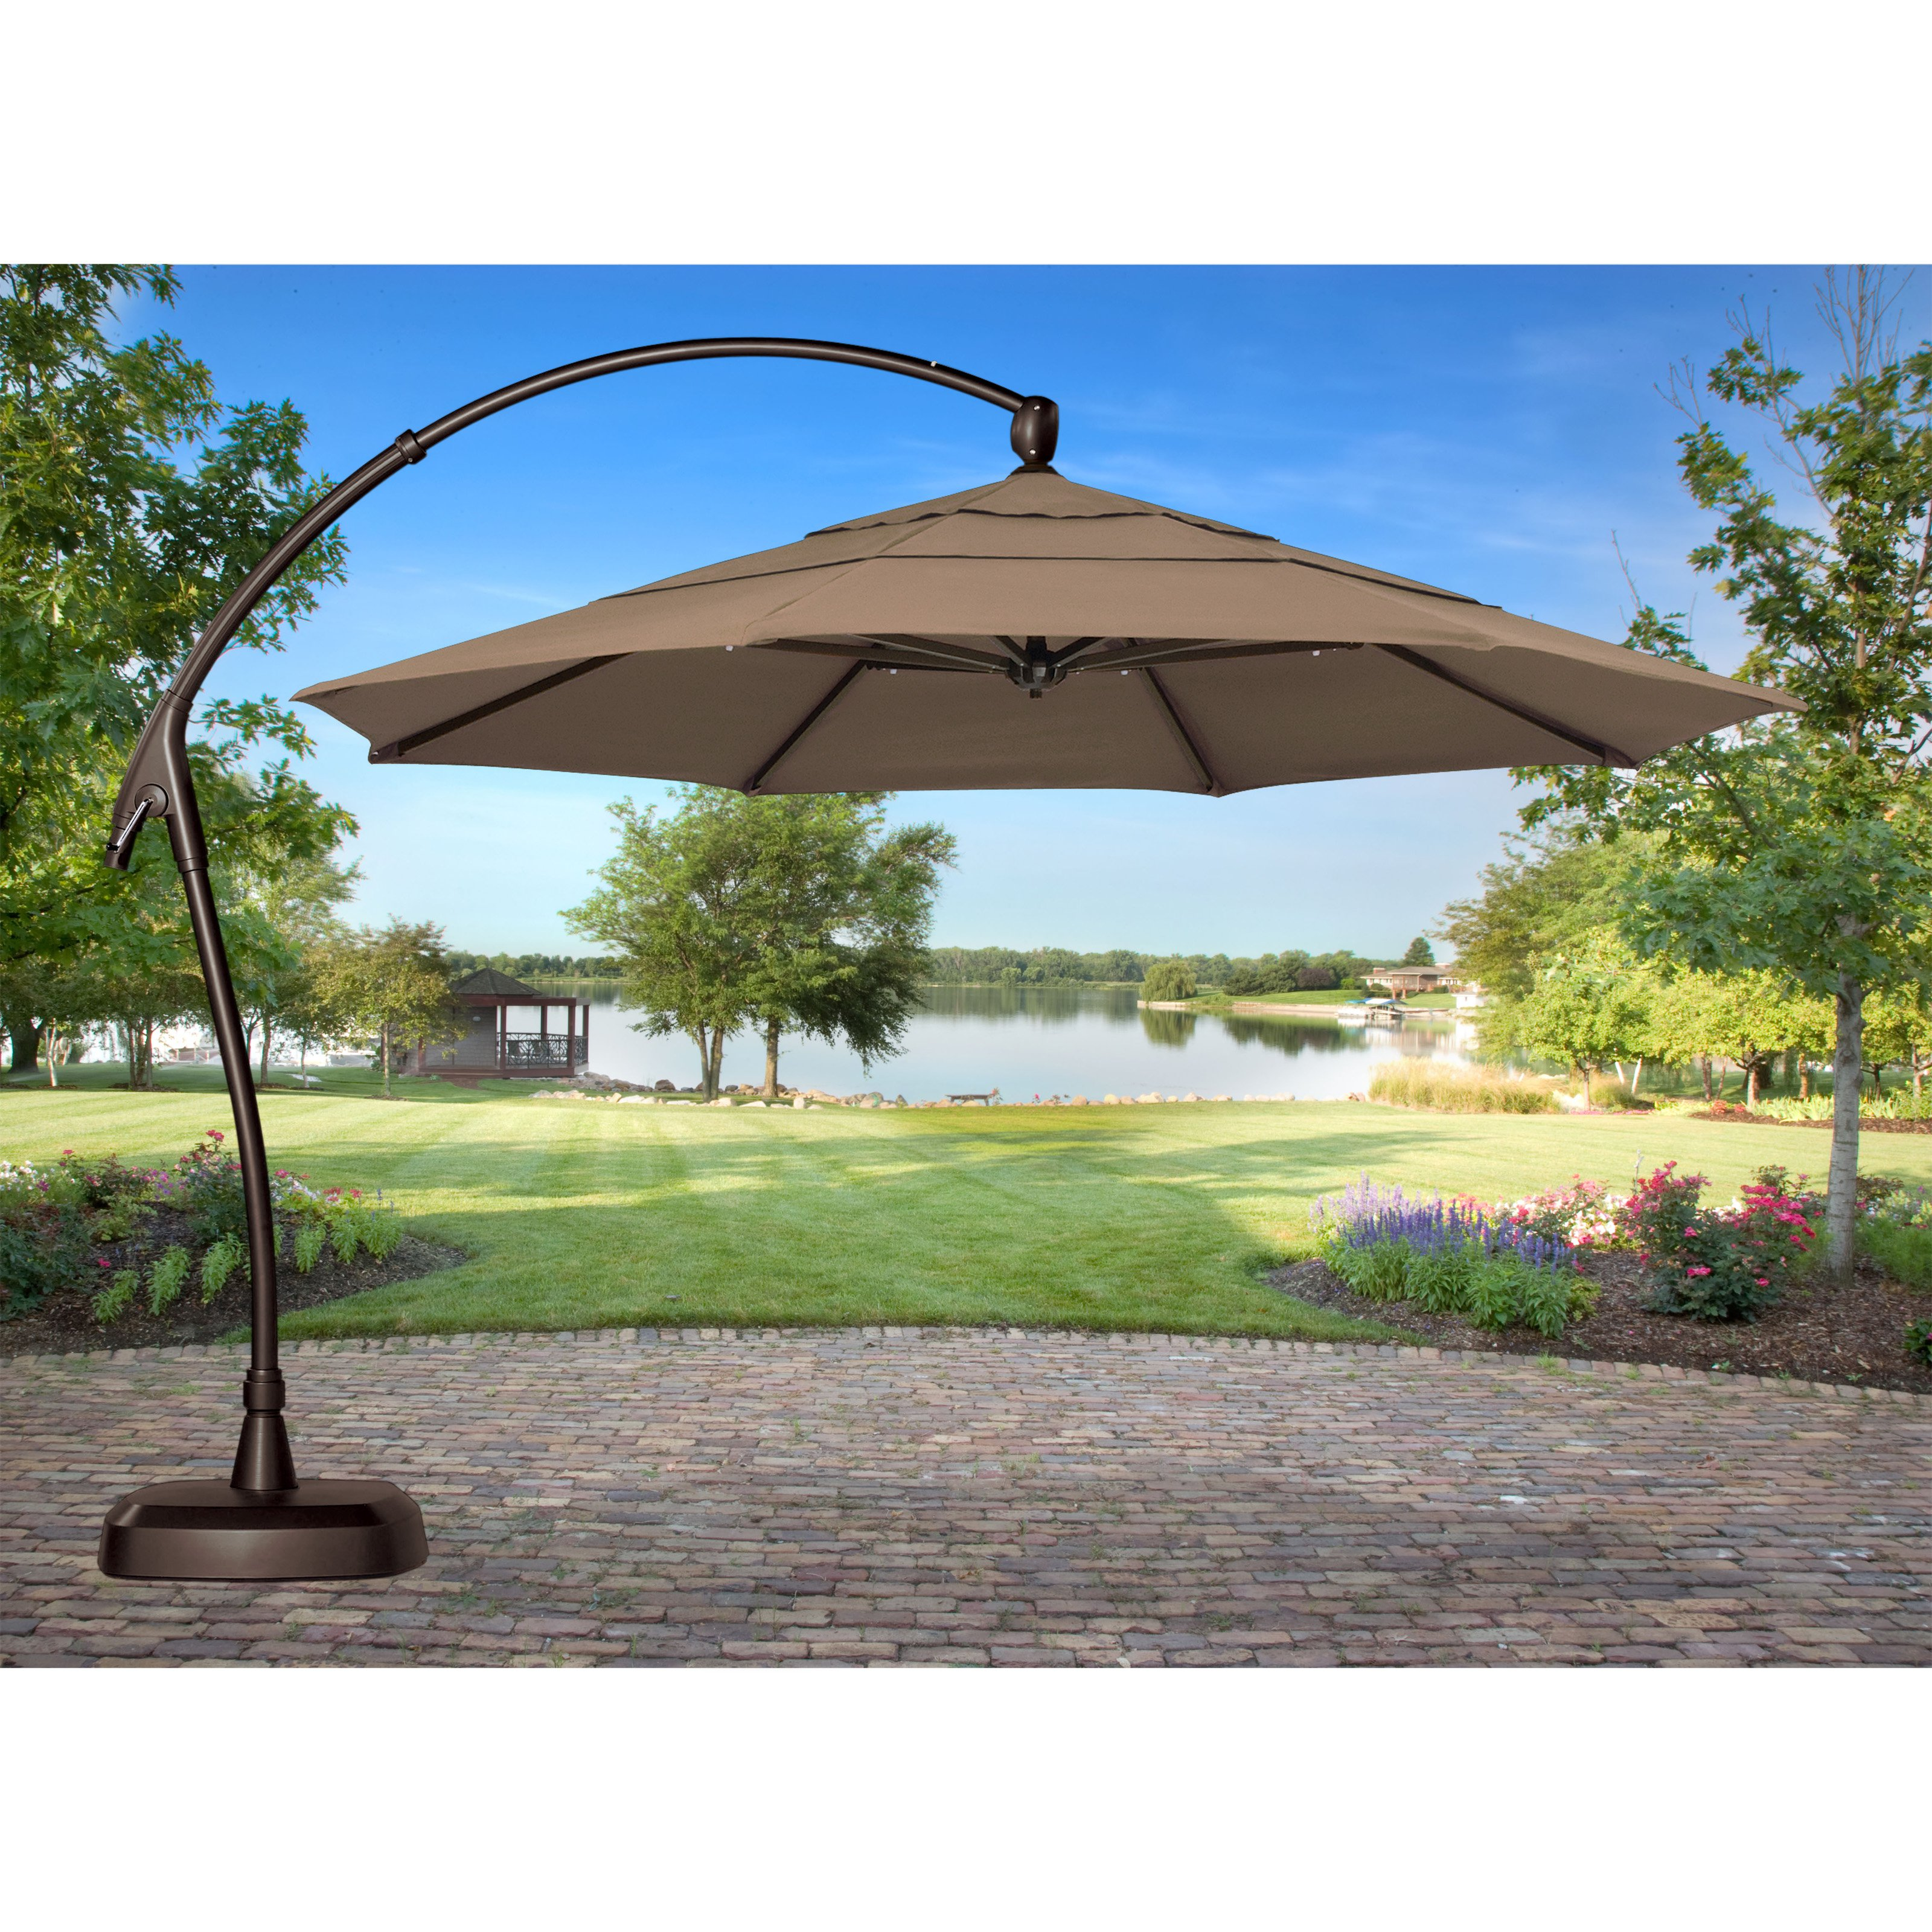 Etonnant Treasure Garden 11 Ft. Cantilever Offset Sunbrella Patio Umbrella With Base    Walmart.com